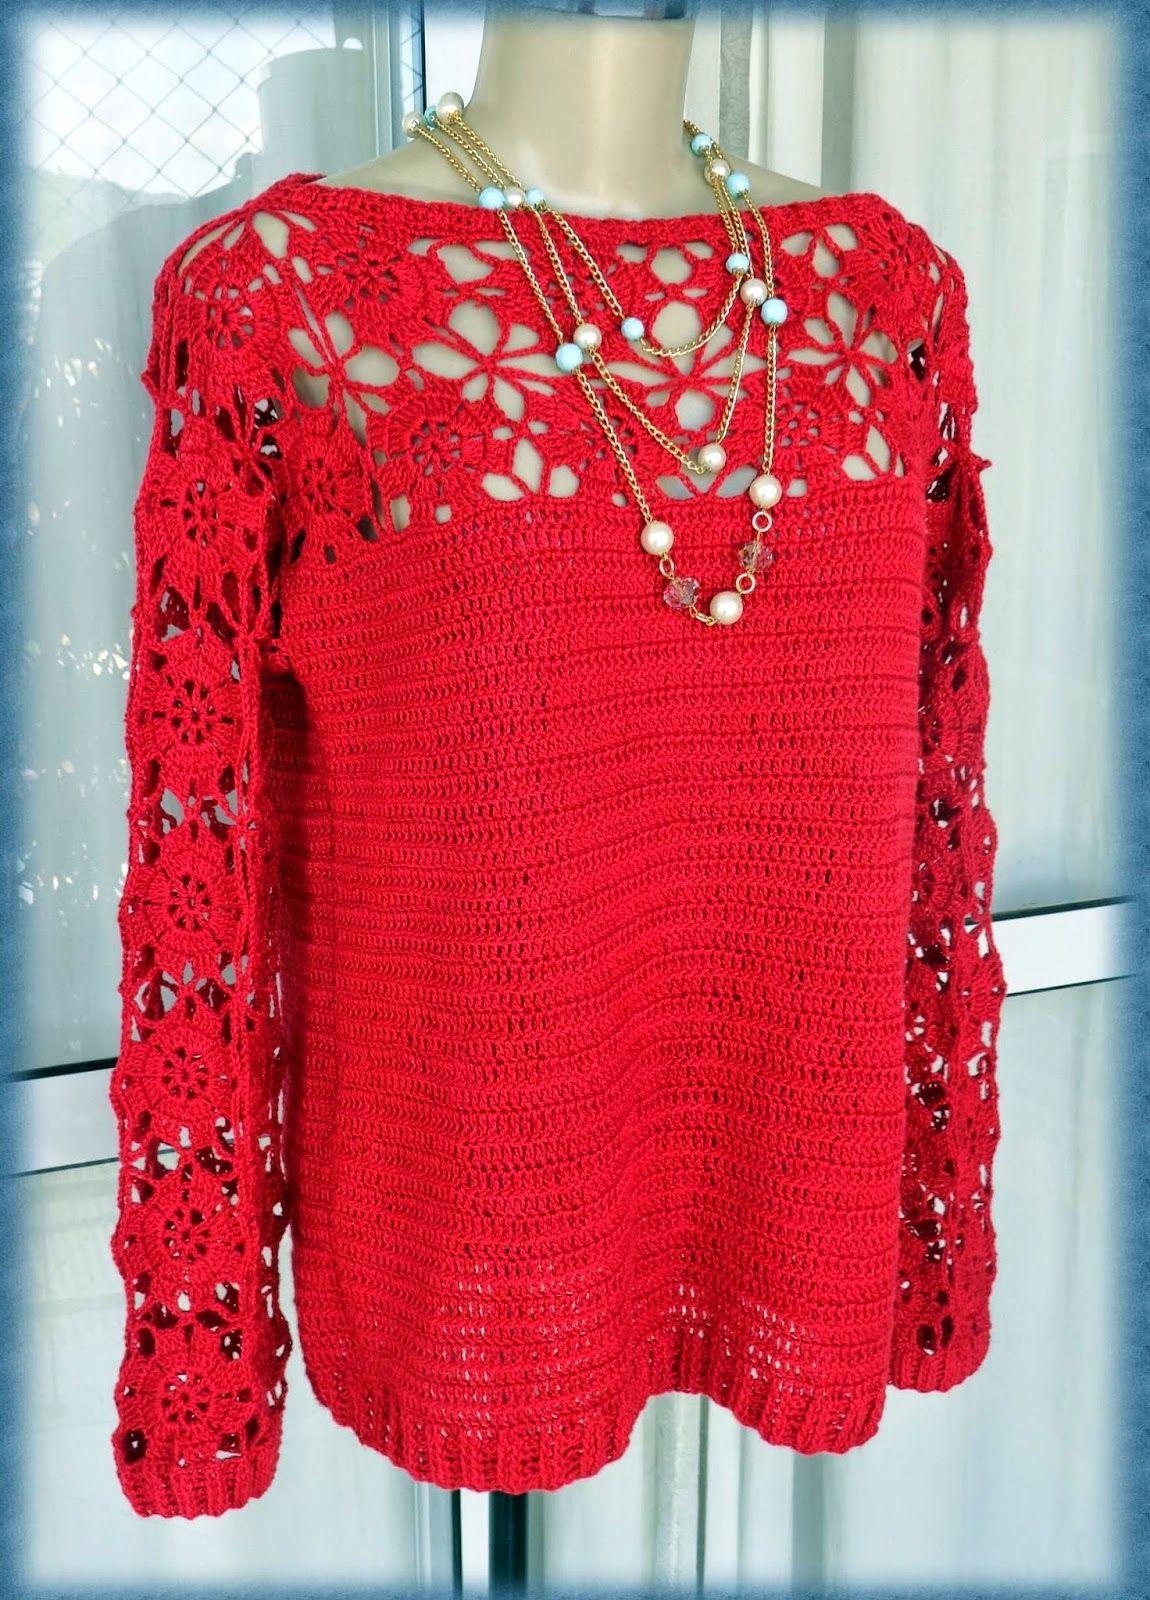 Blusa Para O Inverno Camisola De Rendas Lacos De Croche Blusas